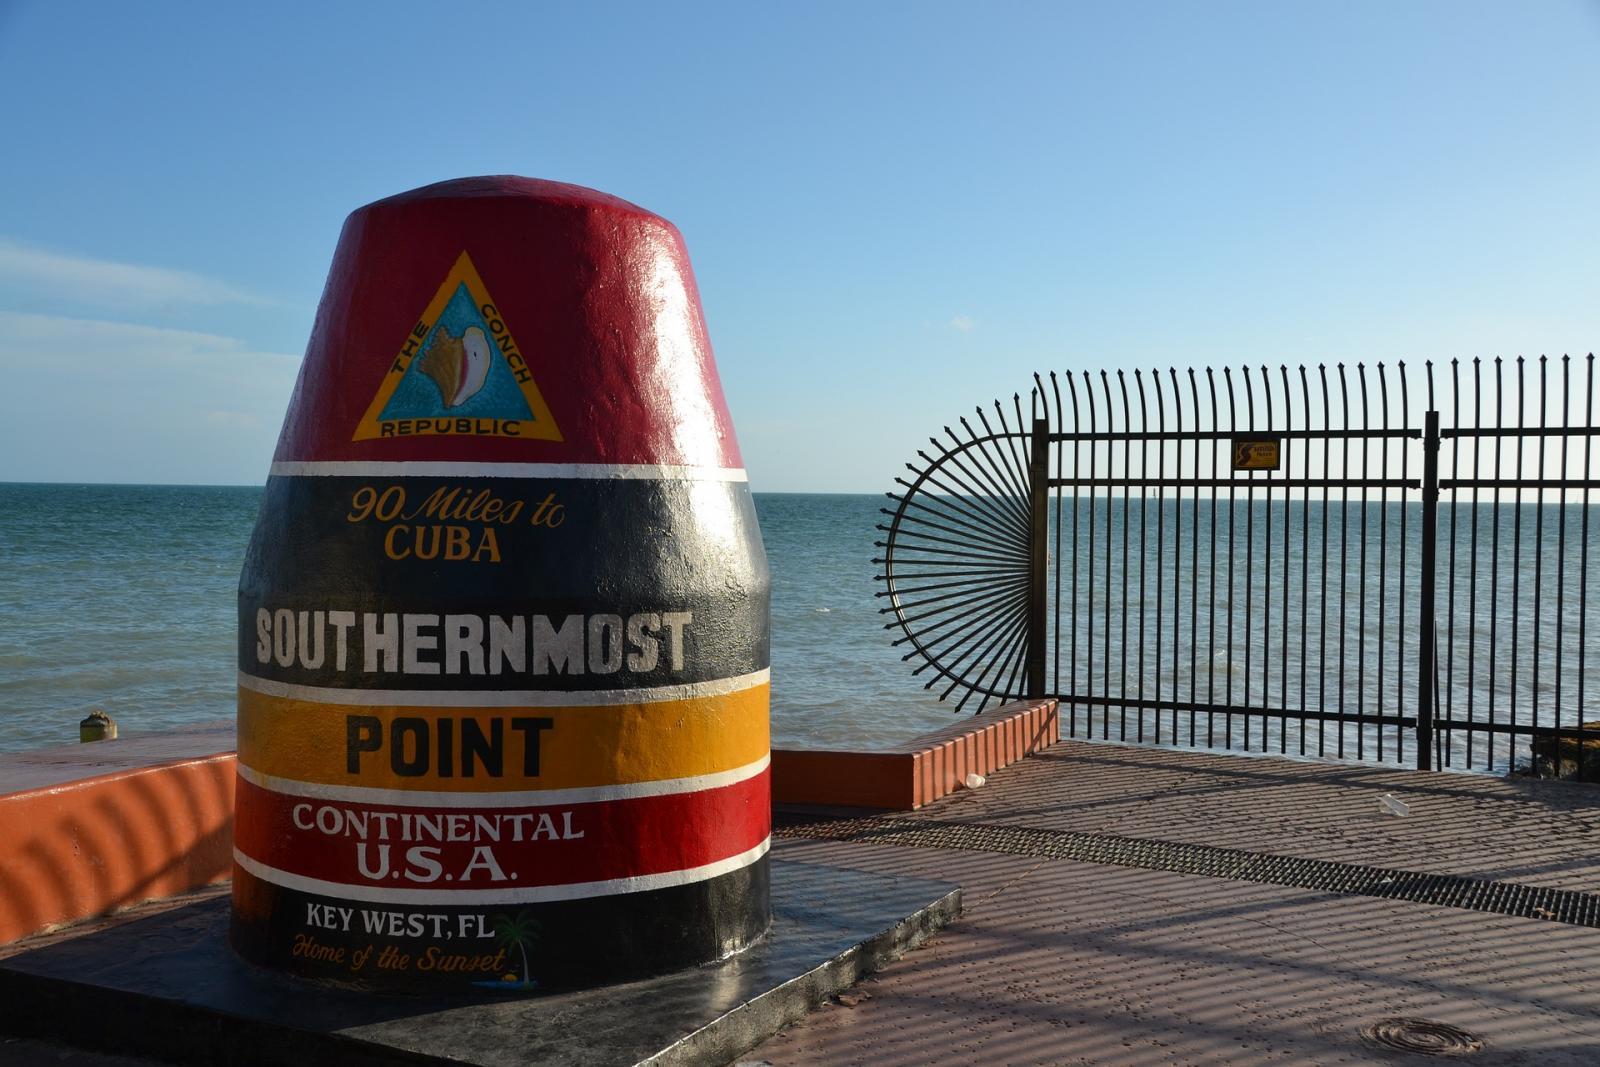 Excursion Key West